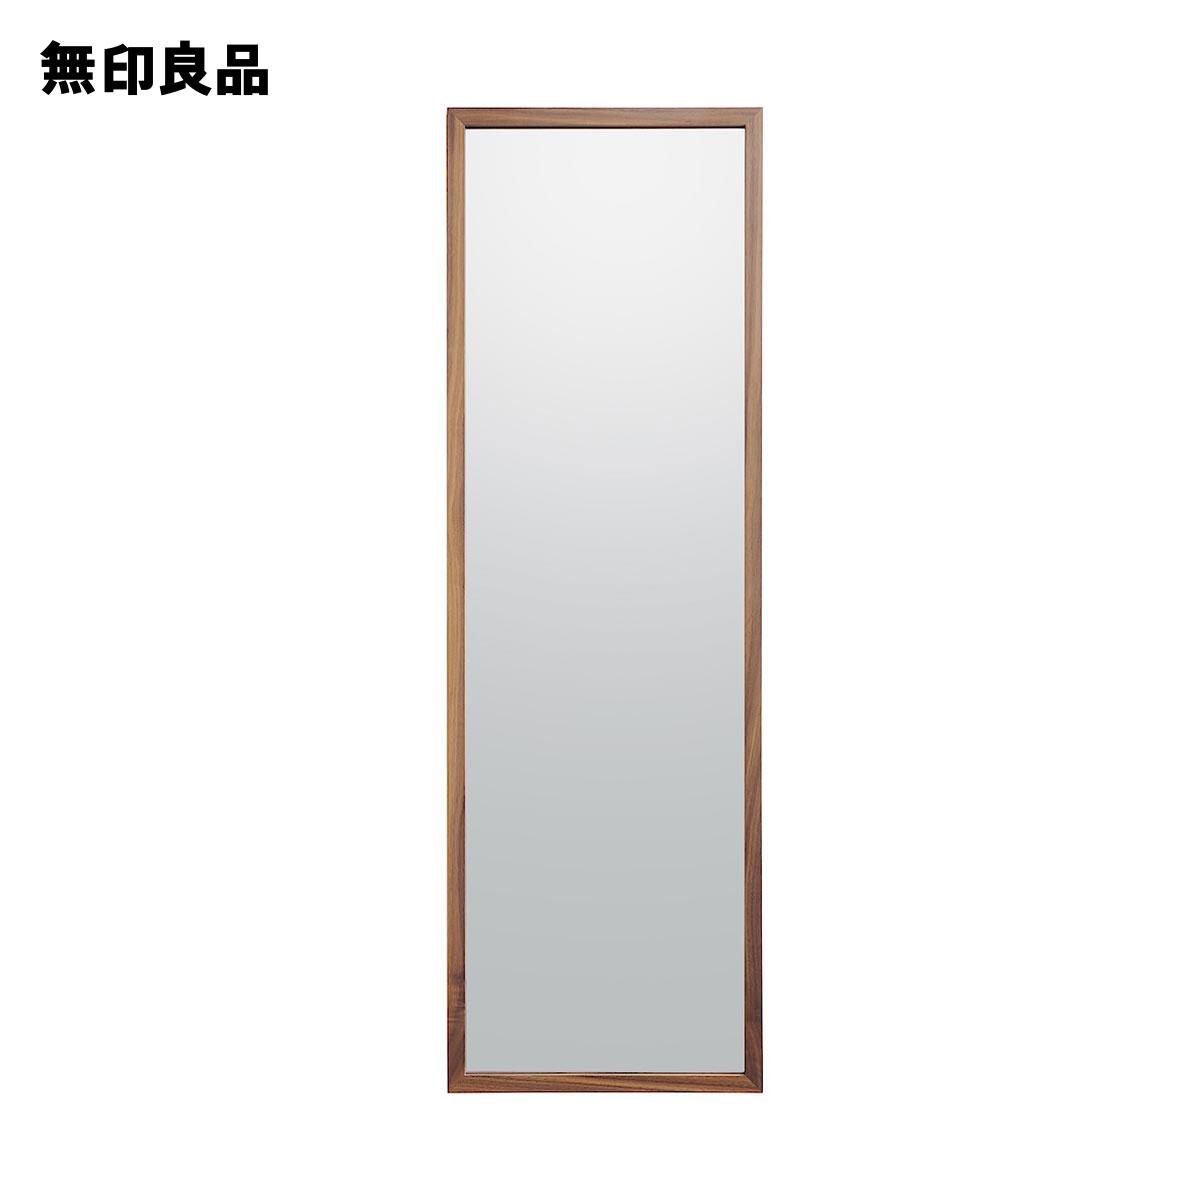 壁に付けられる家具ミラー ウォールナット材